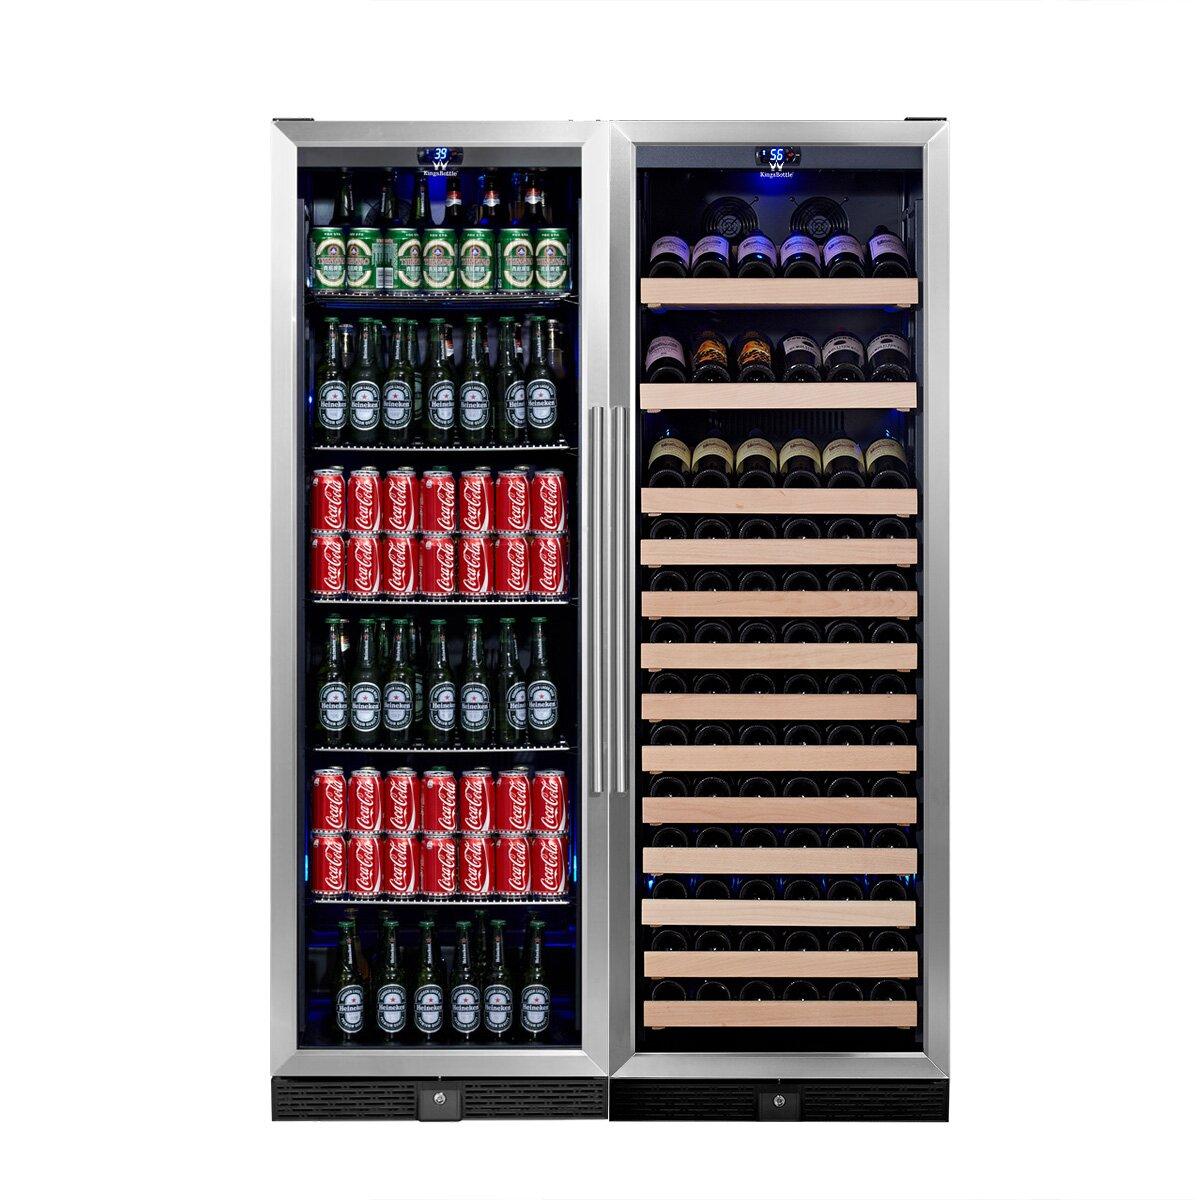 Kingsbottle 131 Bottle Dual Zone Built In Wine